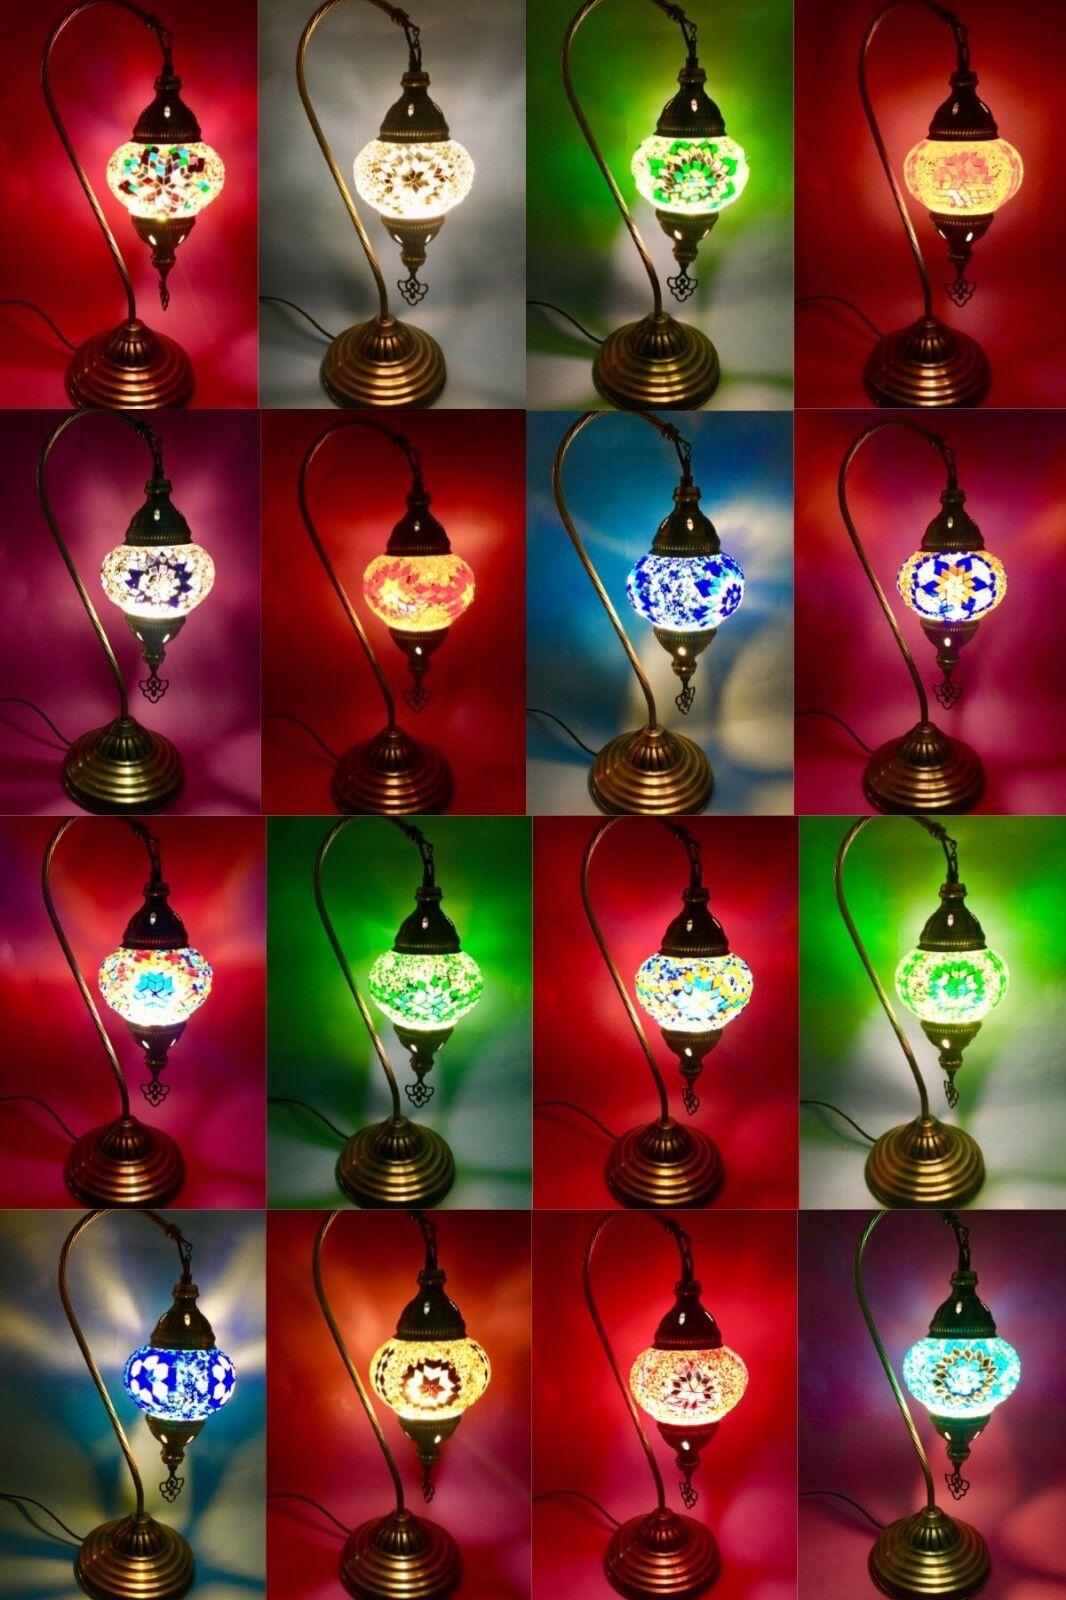 Orientalische Tischlampe Mosaiklampe   Stehlampe Mosaik Tischlampe Nachtlicht